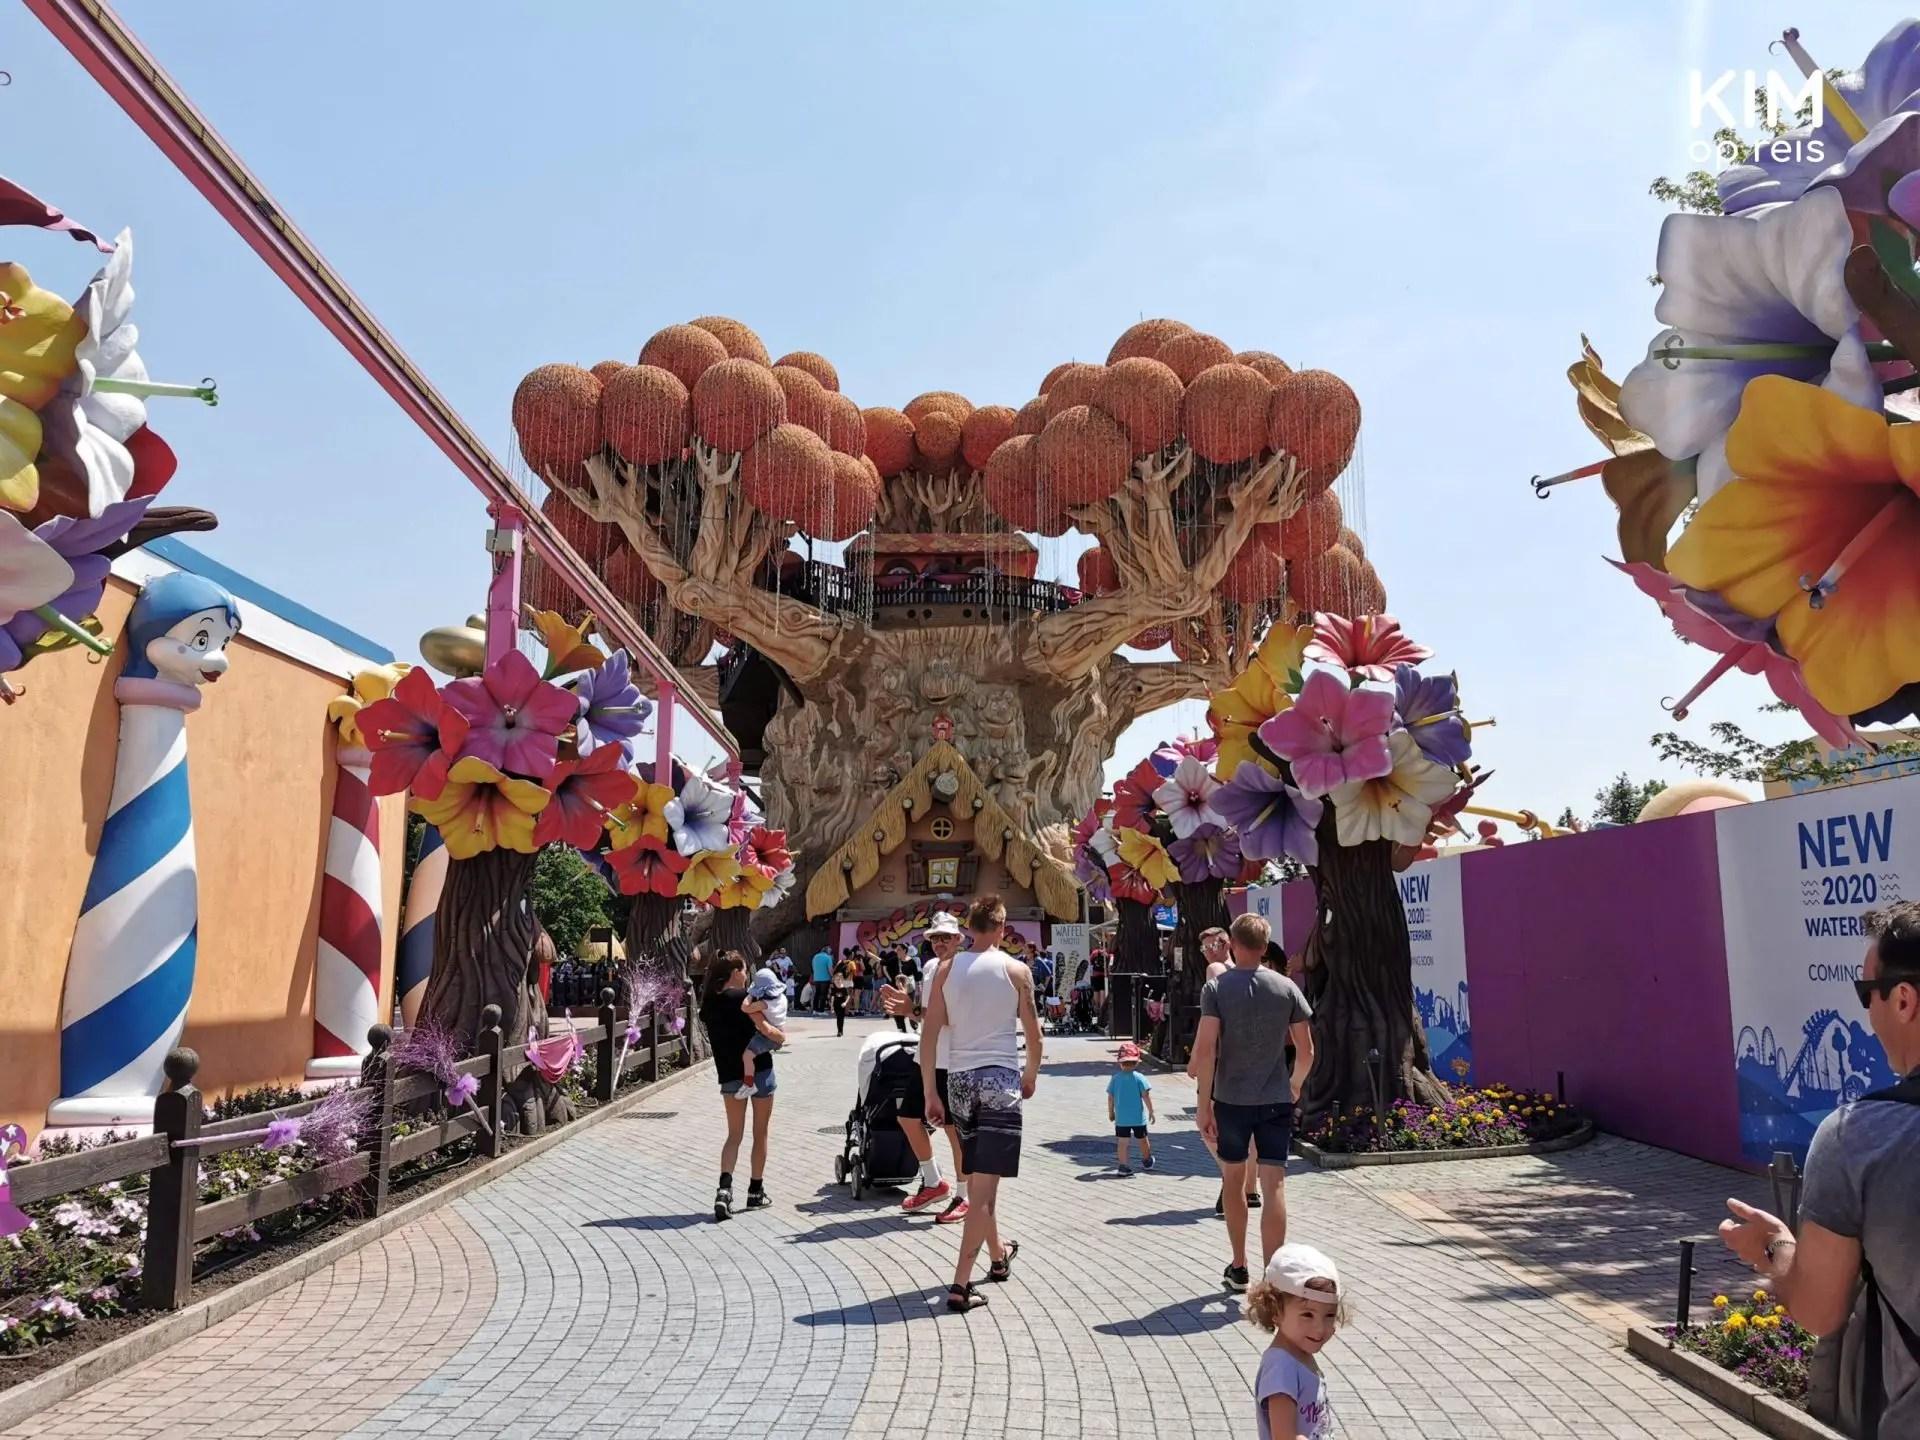 Gardaland attractiepark - entree van een themagedeelte vol kunsstof bloemen met enkele mensen die naar binnen lopen